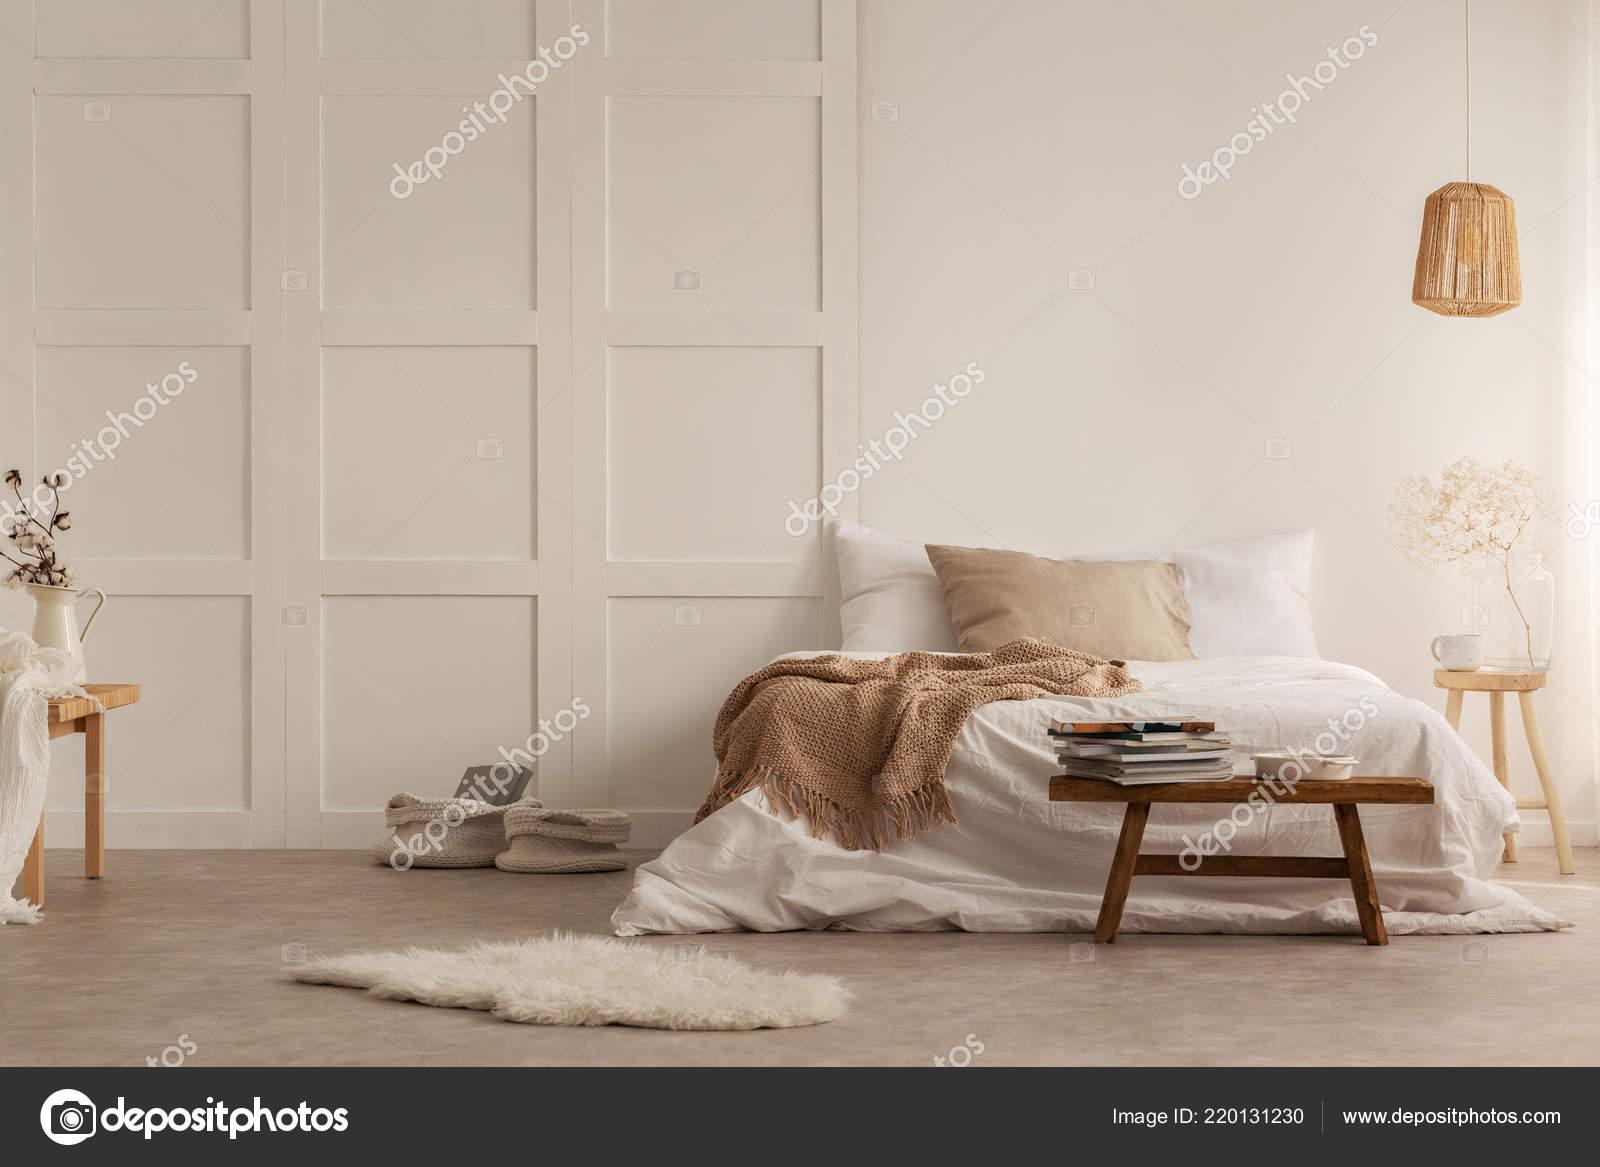 Pelliccia sgabello legno davanti letto con coperta all interno della